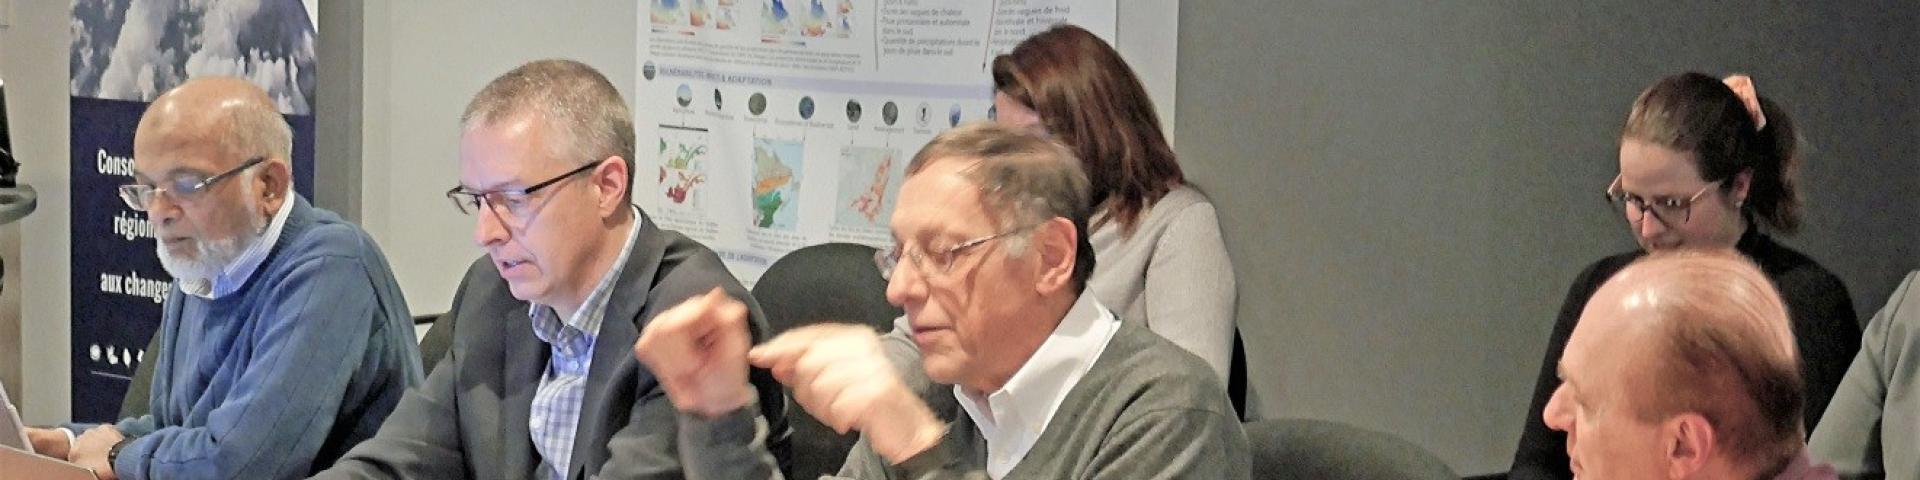 shabman henstra